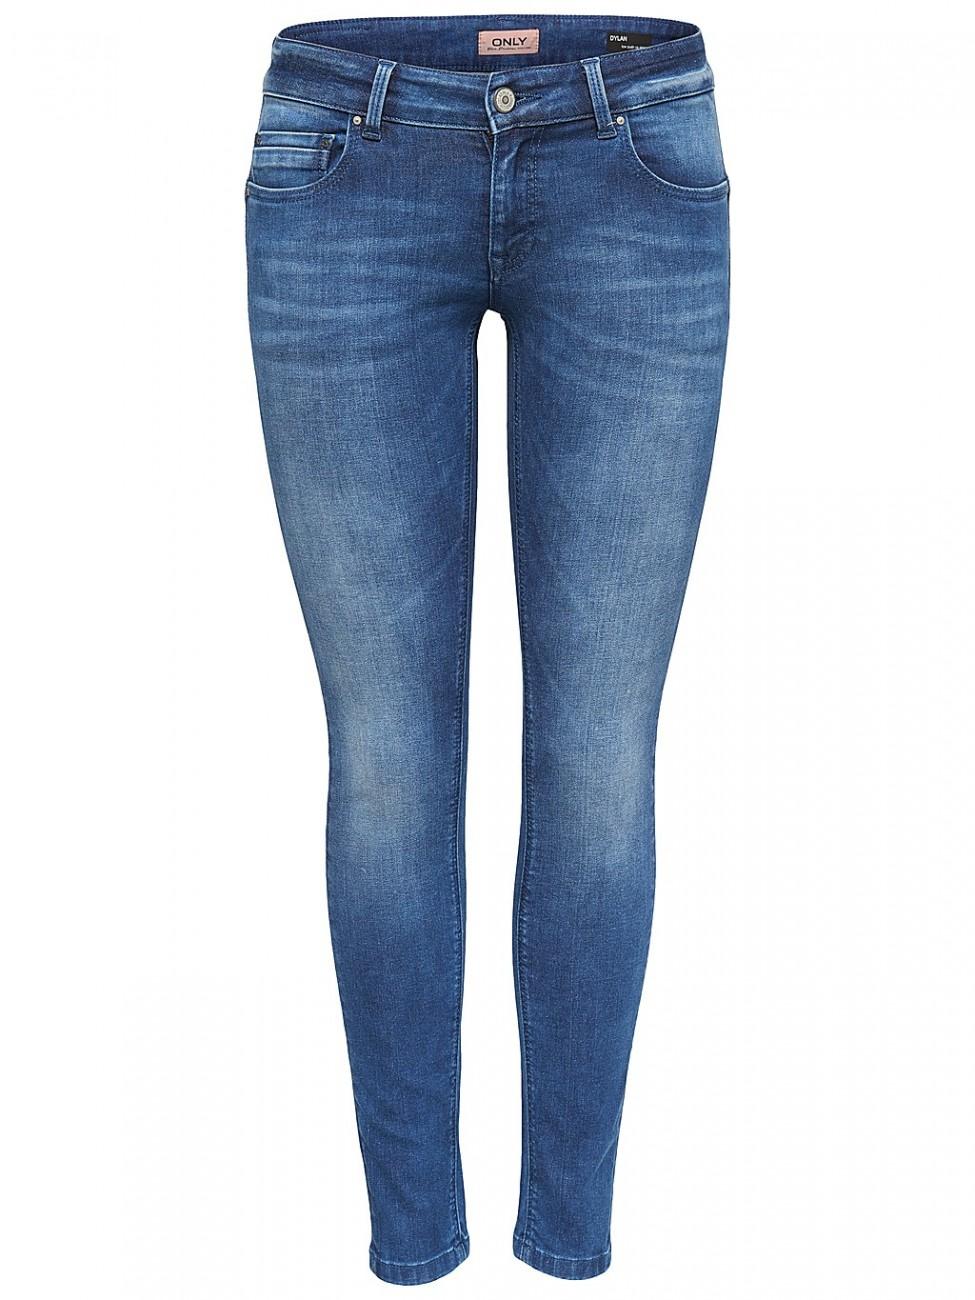 only damen jeans onldylan low push up dnm jea soo65. Black Bedroom Furniture Sets. Home Design Ideas